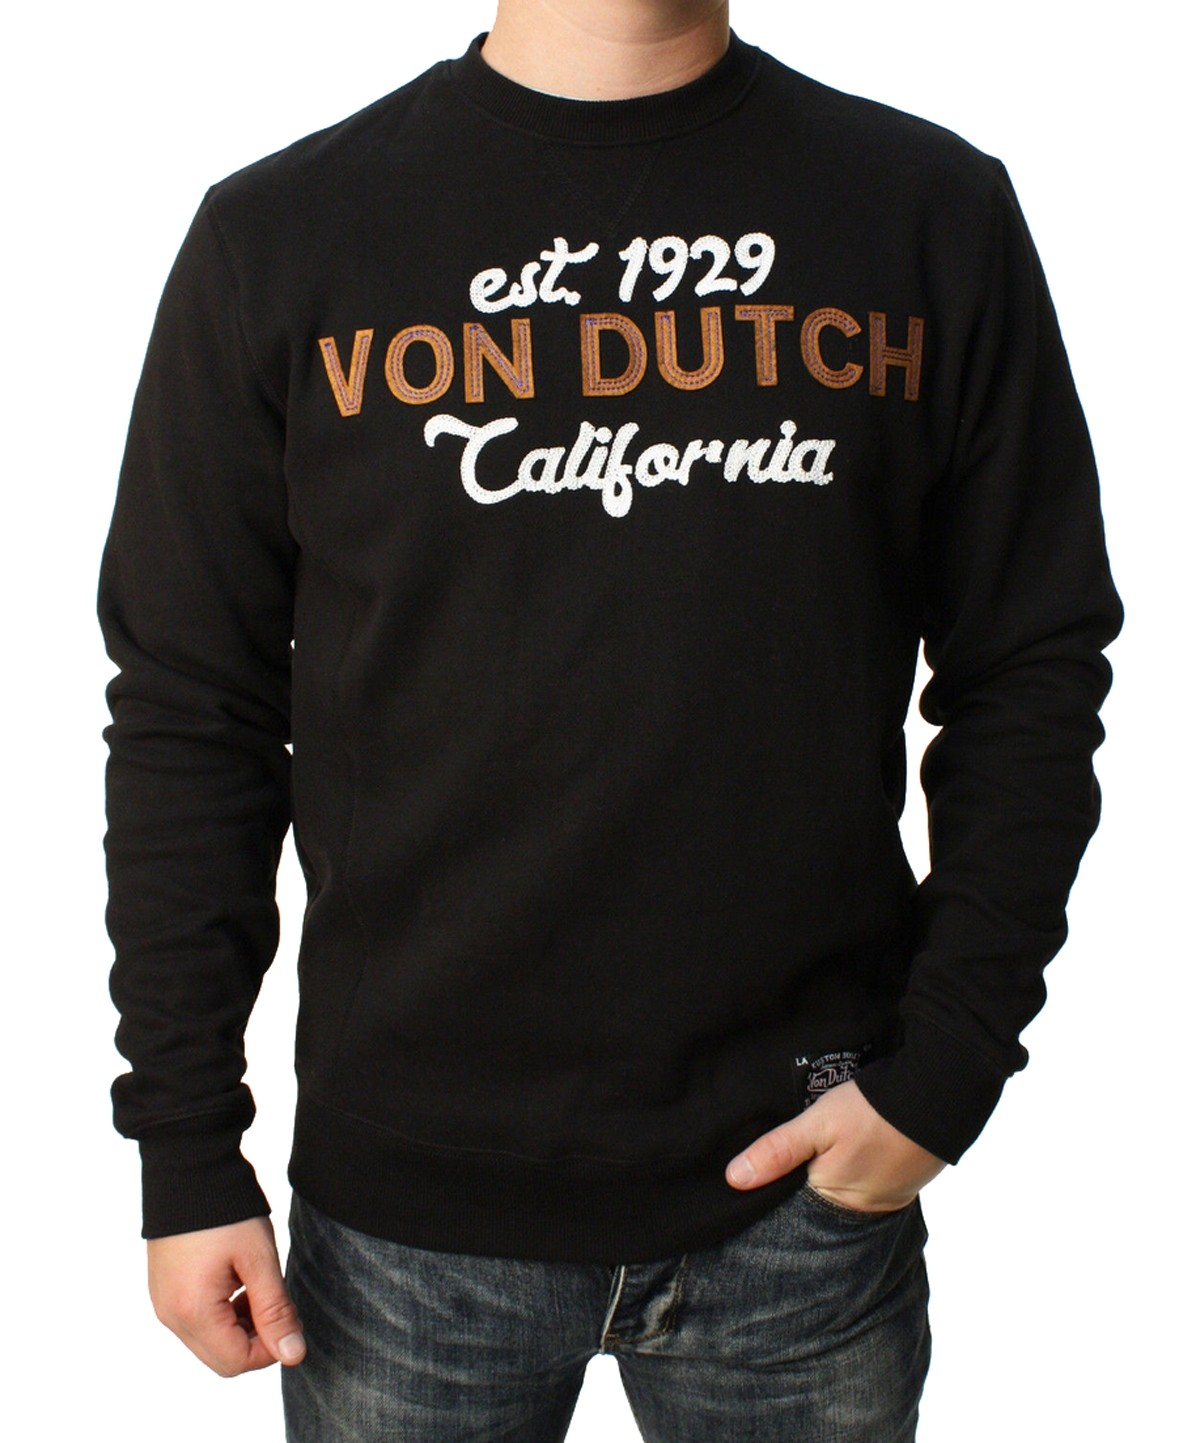 Von Dutch - California Sweater